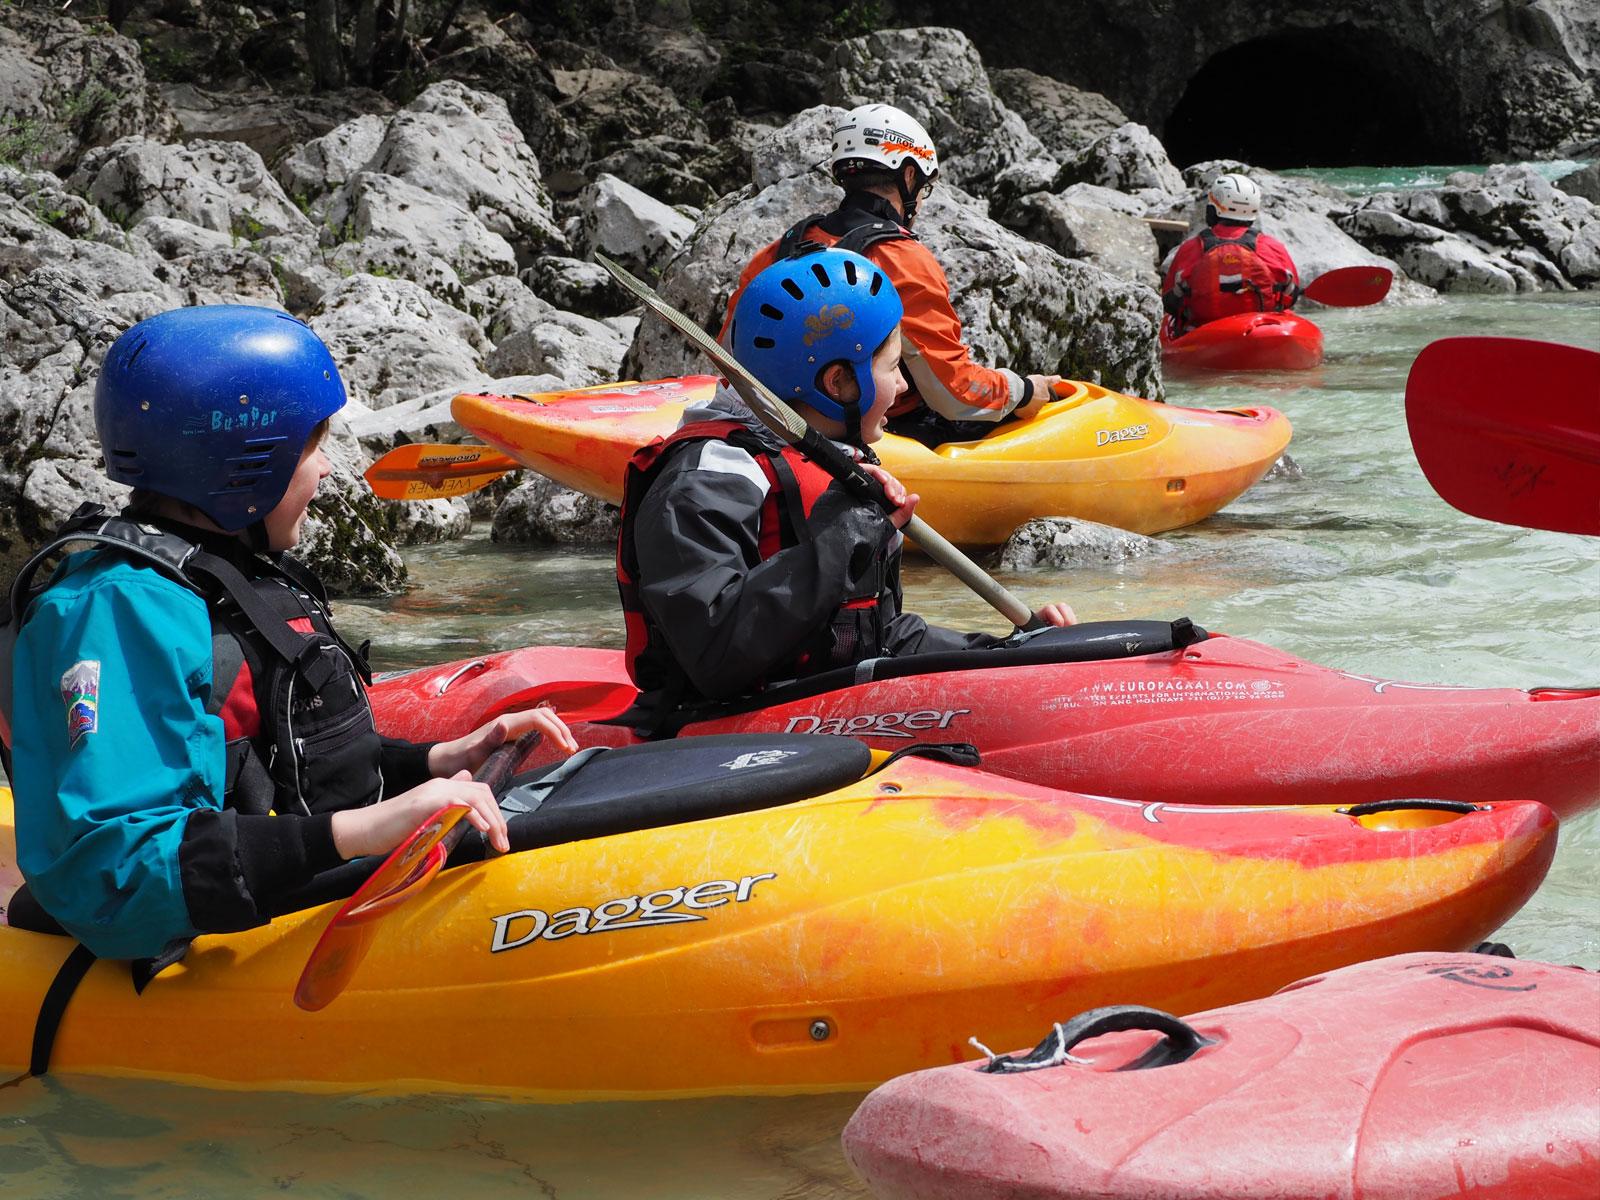 Wildwaterkajakken tijdens een actieve vakantie met het gezin!